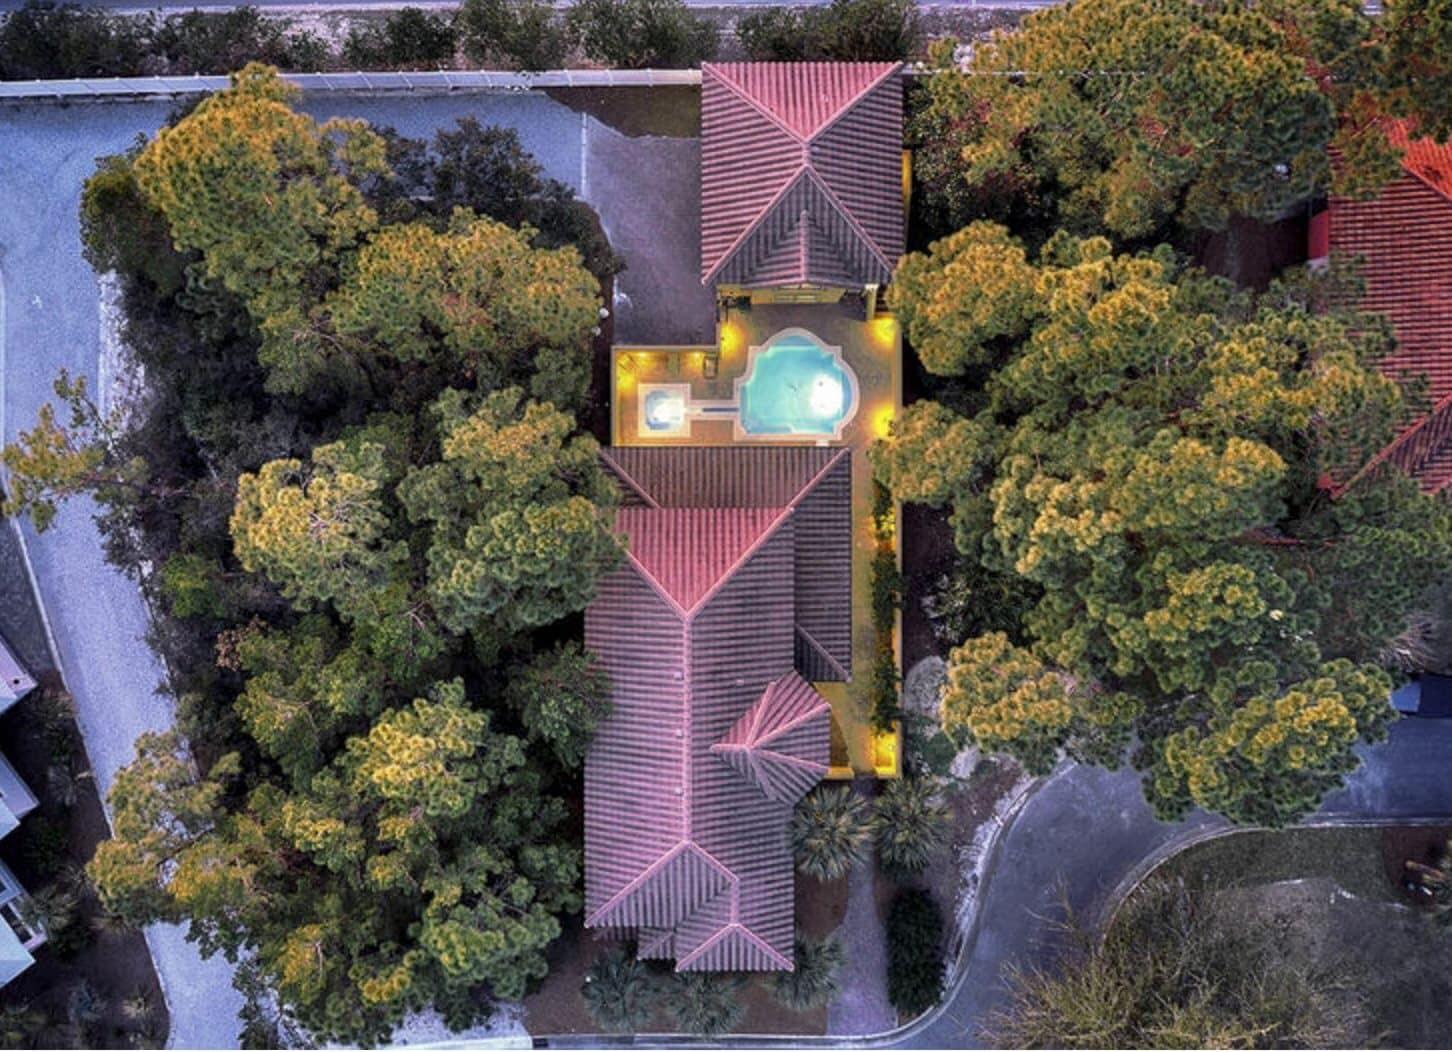 Biệt thự ven biển gần 1.000 m2 tại Mỹ của Hồng Ngọc và chồng Việt kiều